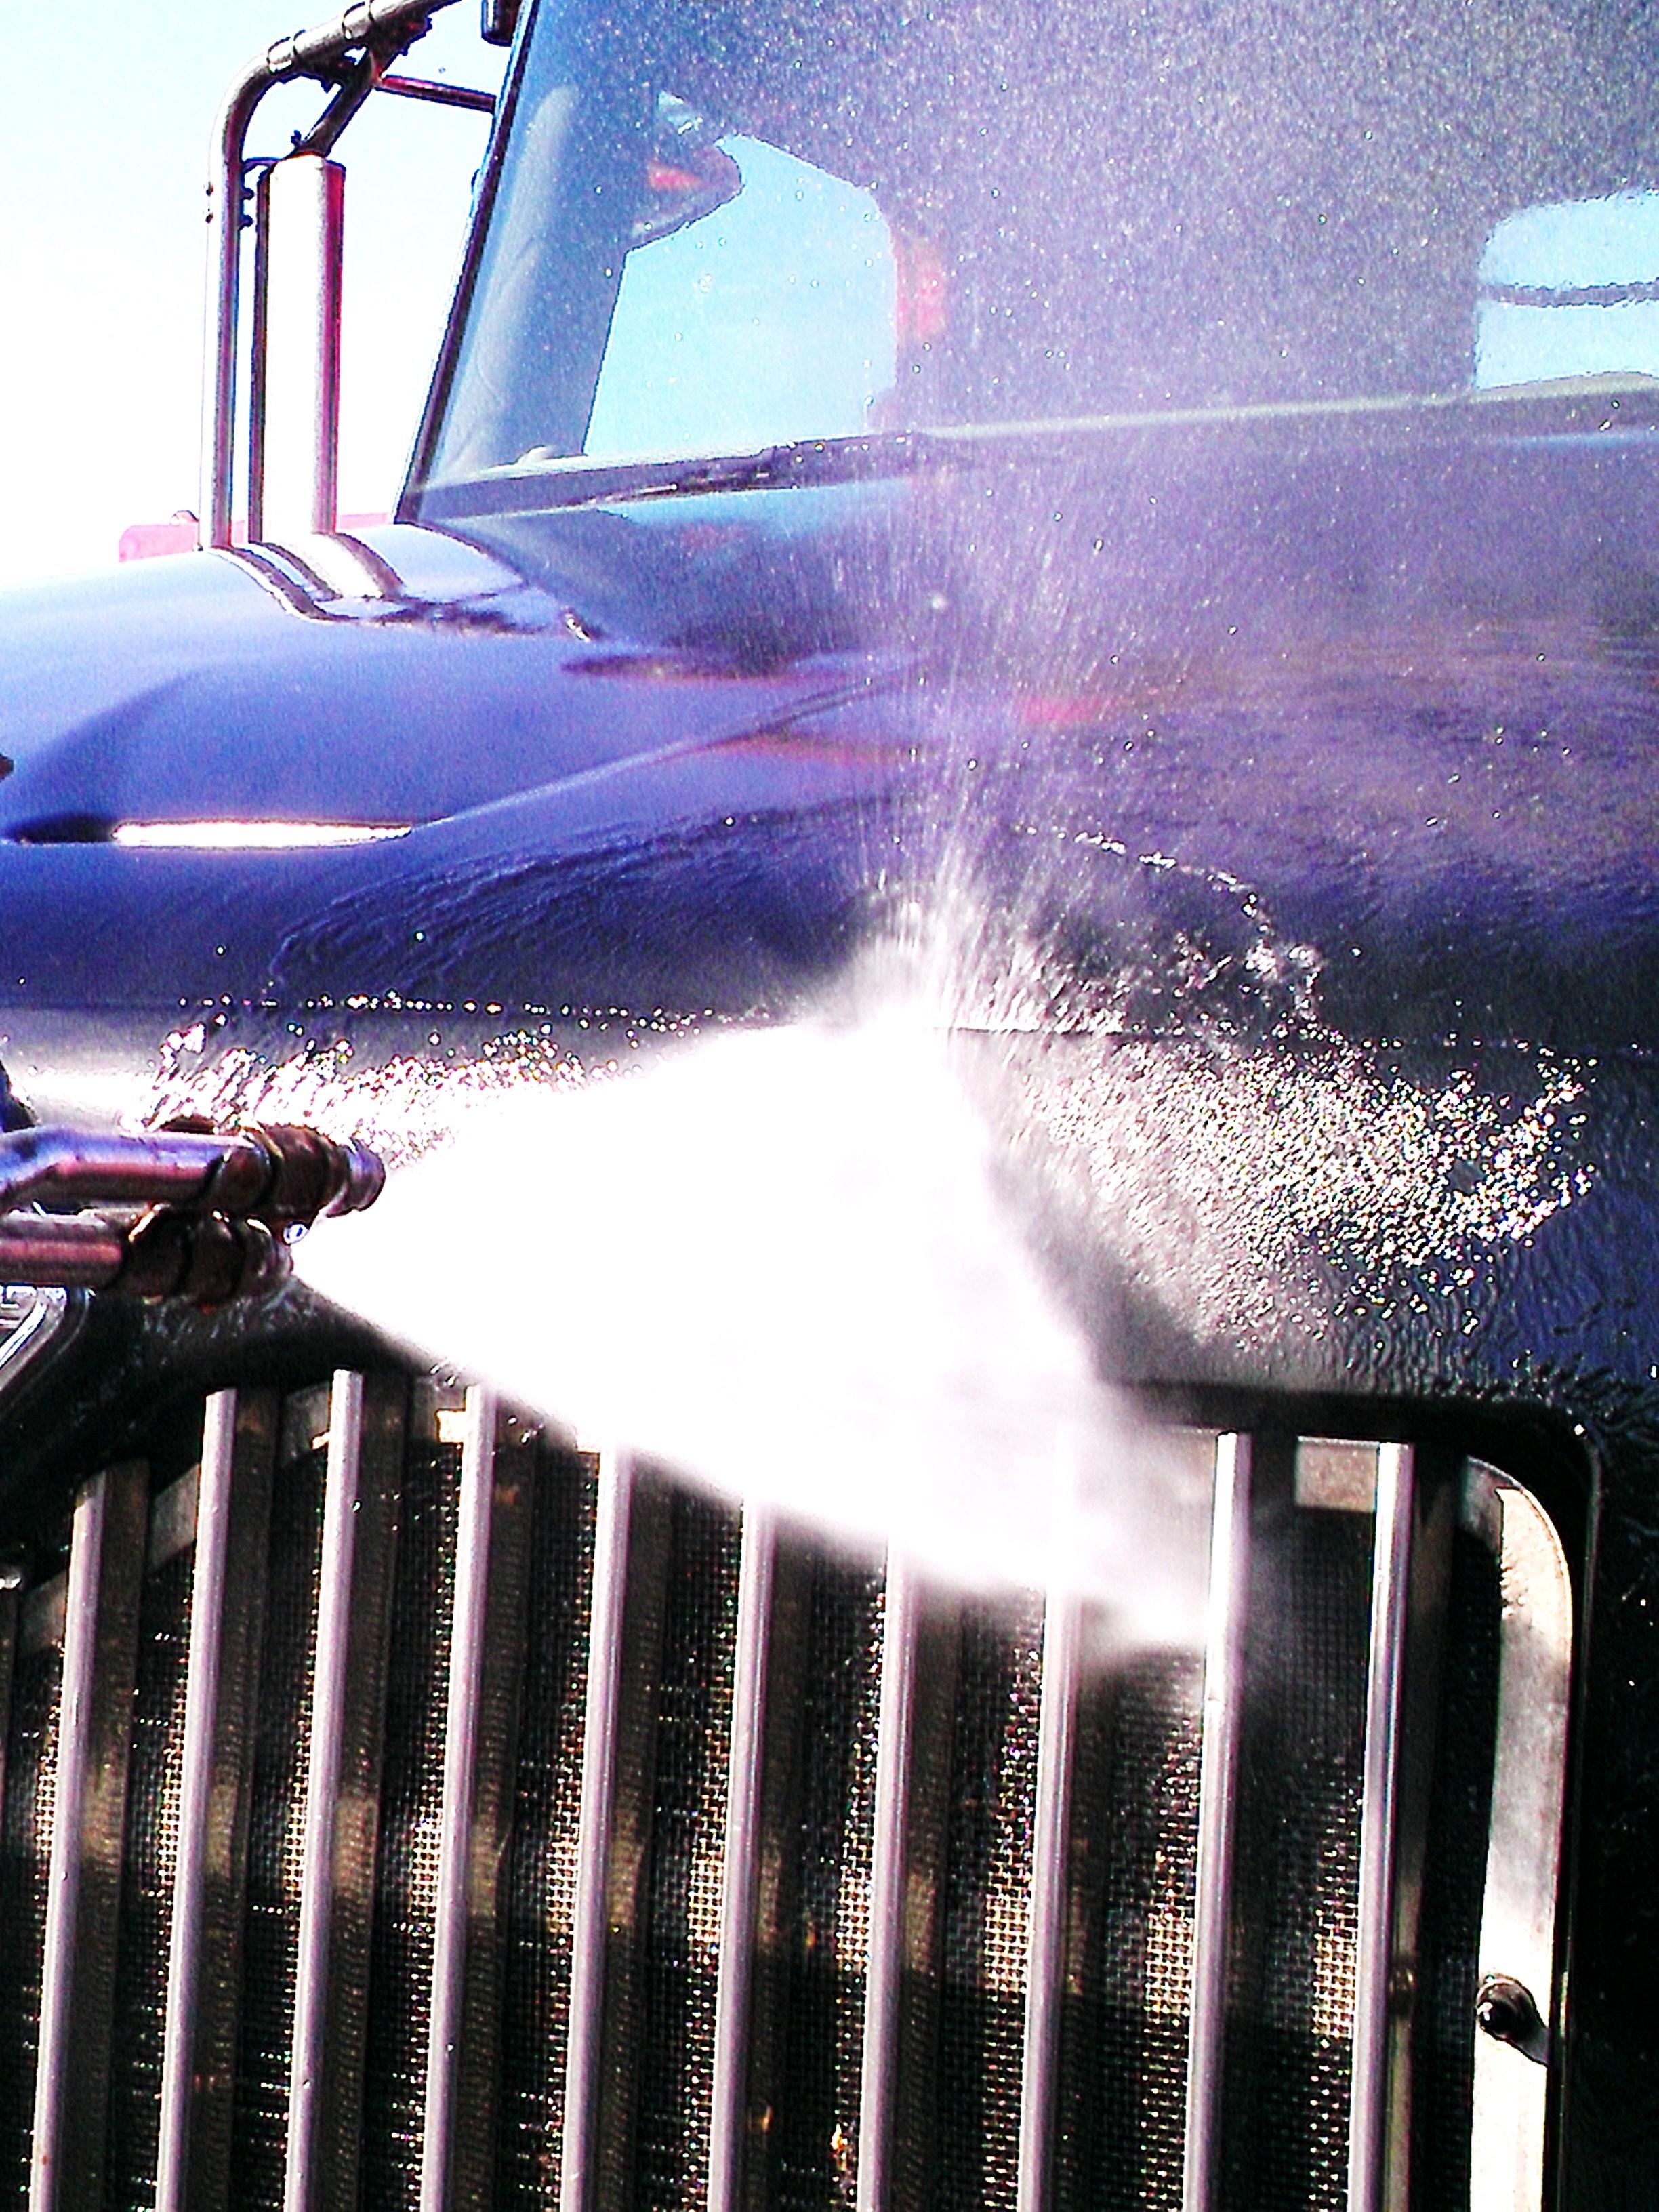 Industrial Pressure Works 1575 Highway 411 NE Ste 106